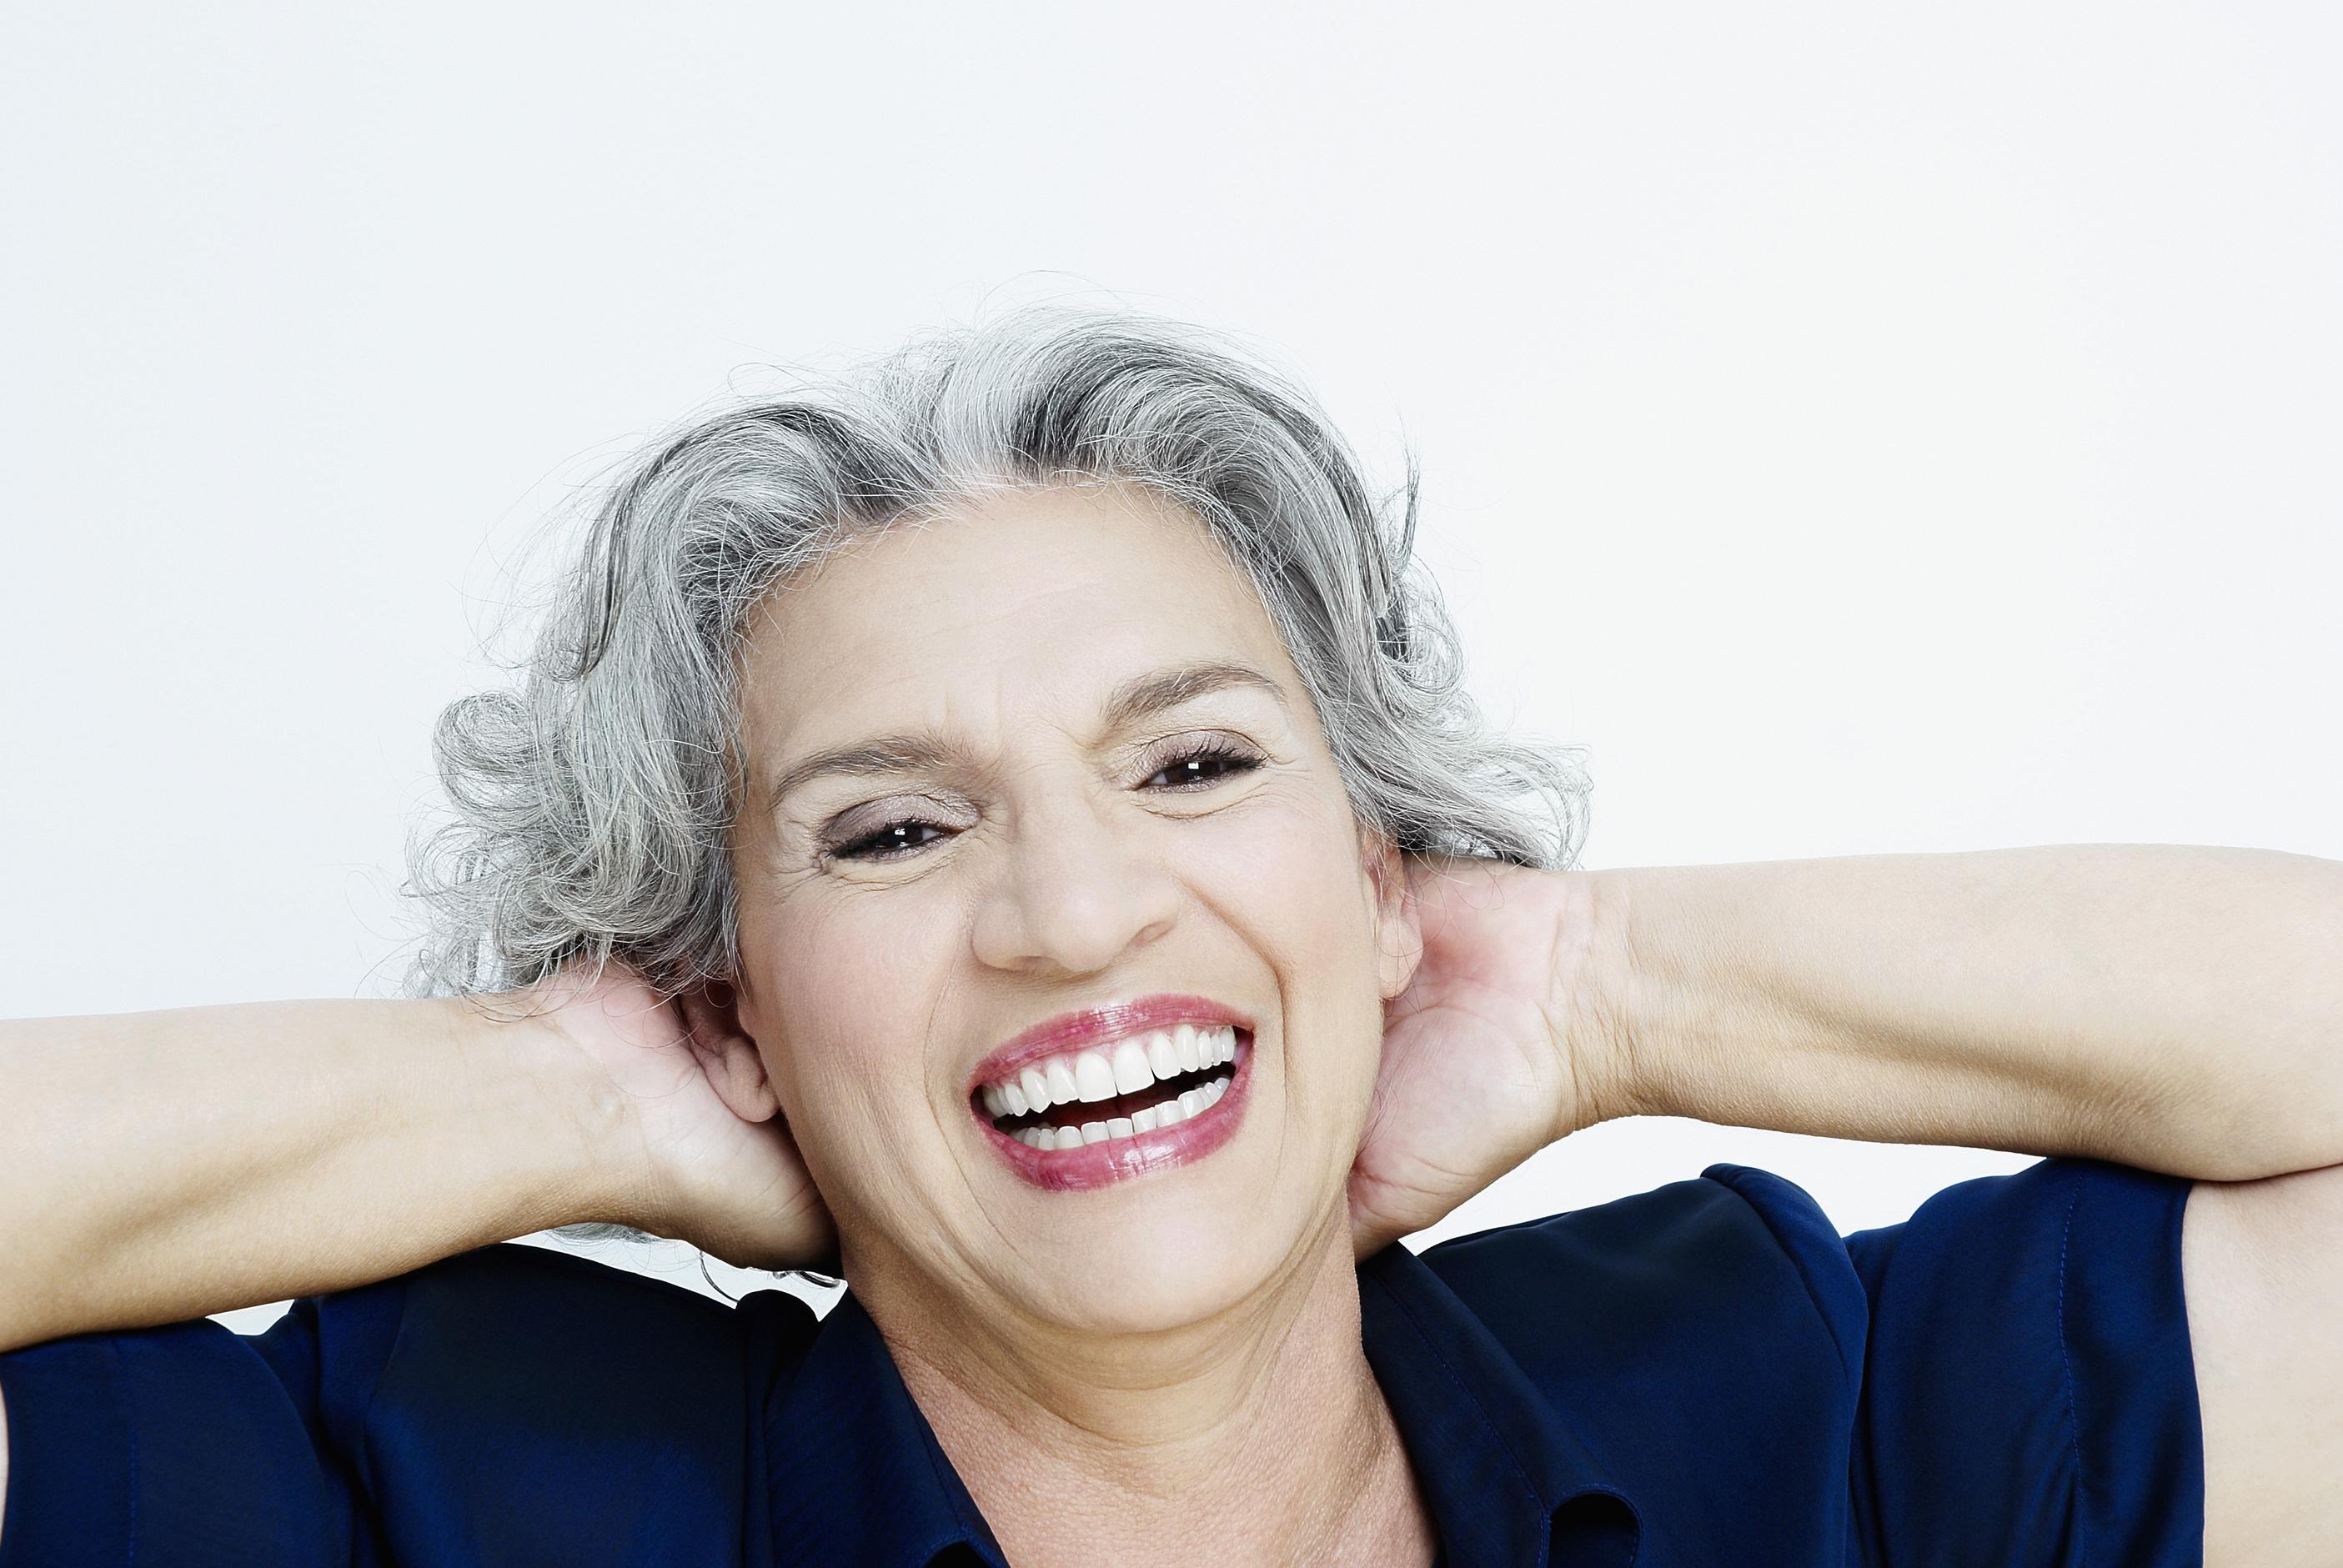 איך להצעיר את עור הפנים באופן טבעי, ללא ניתוח ומבלי לפגוע ברקמות של הגוף.